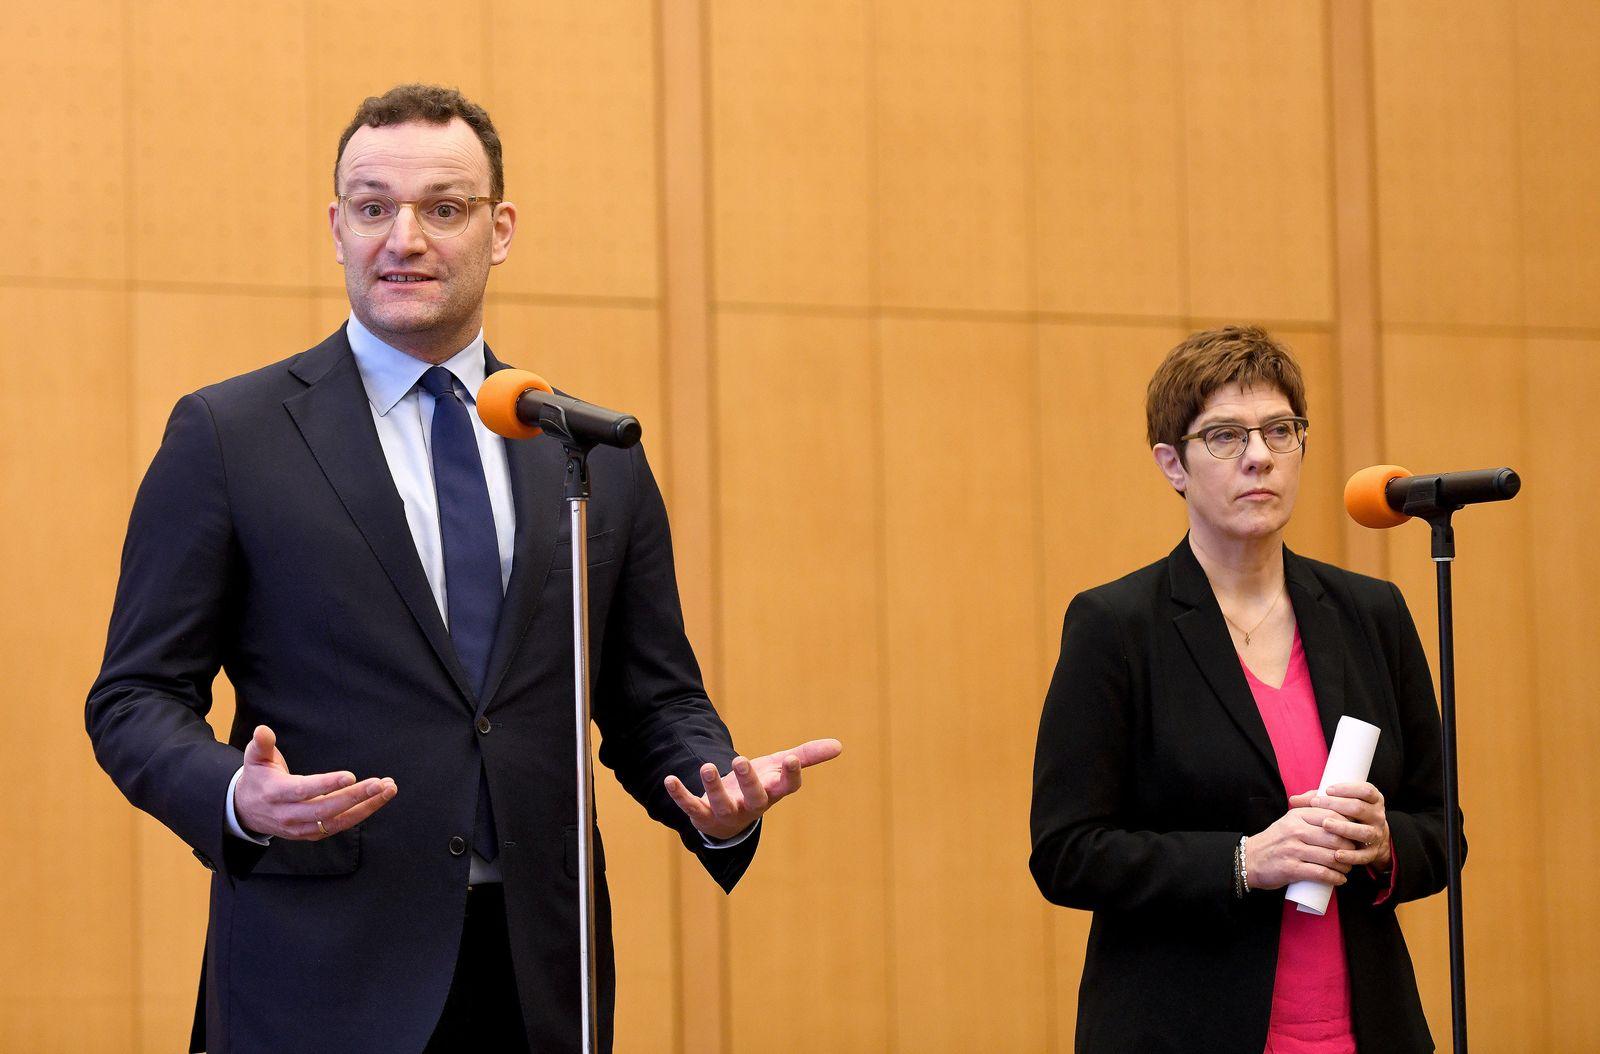 Coronavirus - Pressekonferenz Kramp-Karrenbauer und Spahn